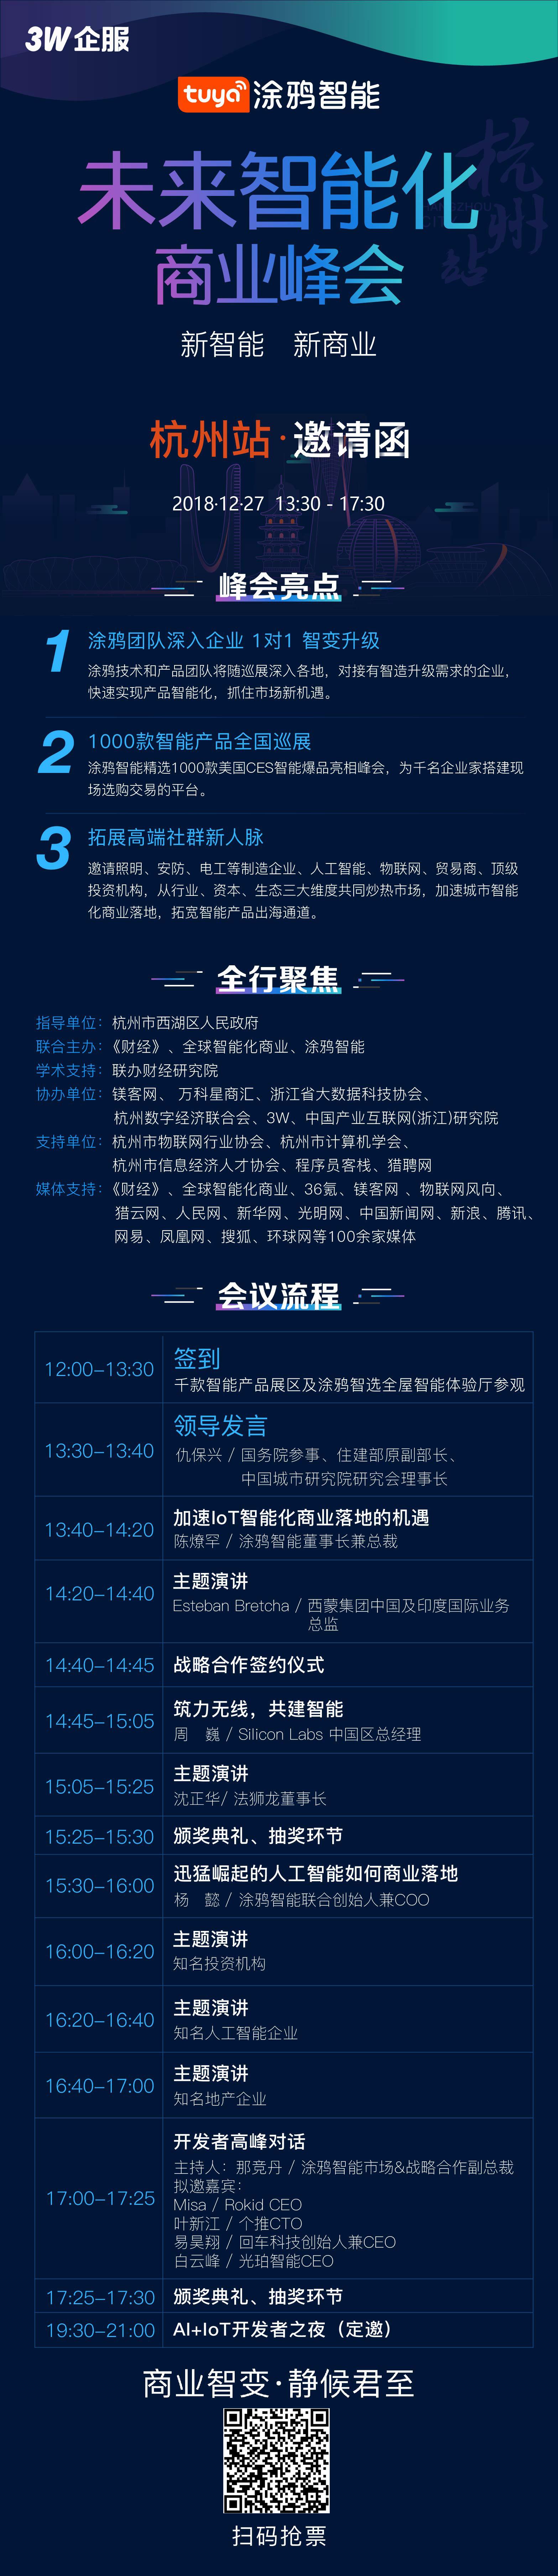 杭州站1.jpg